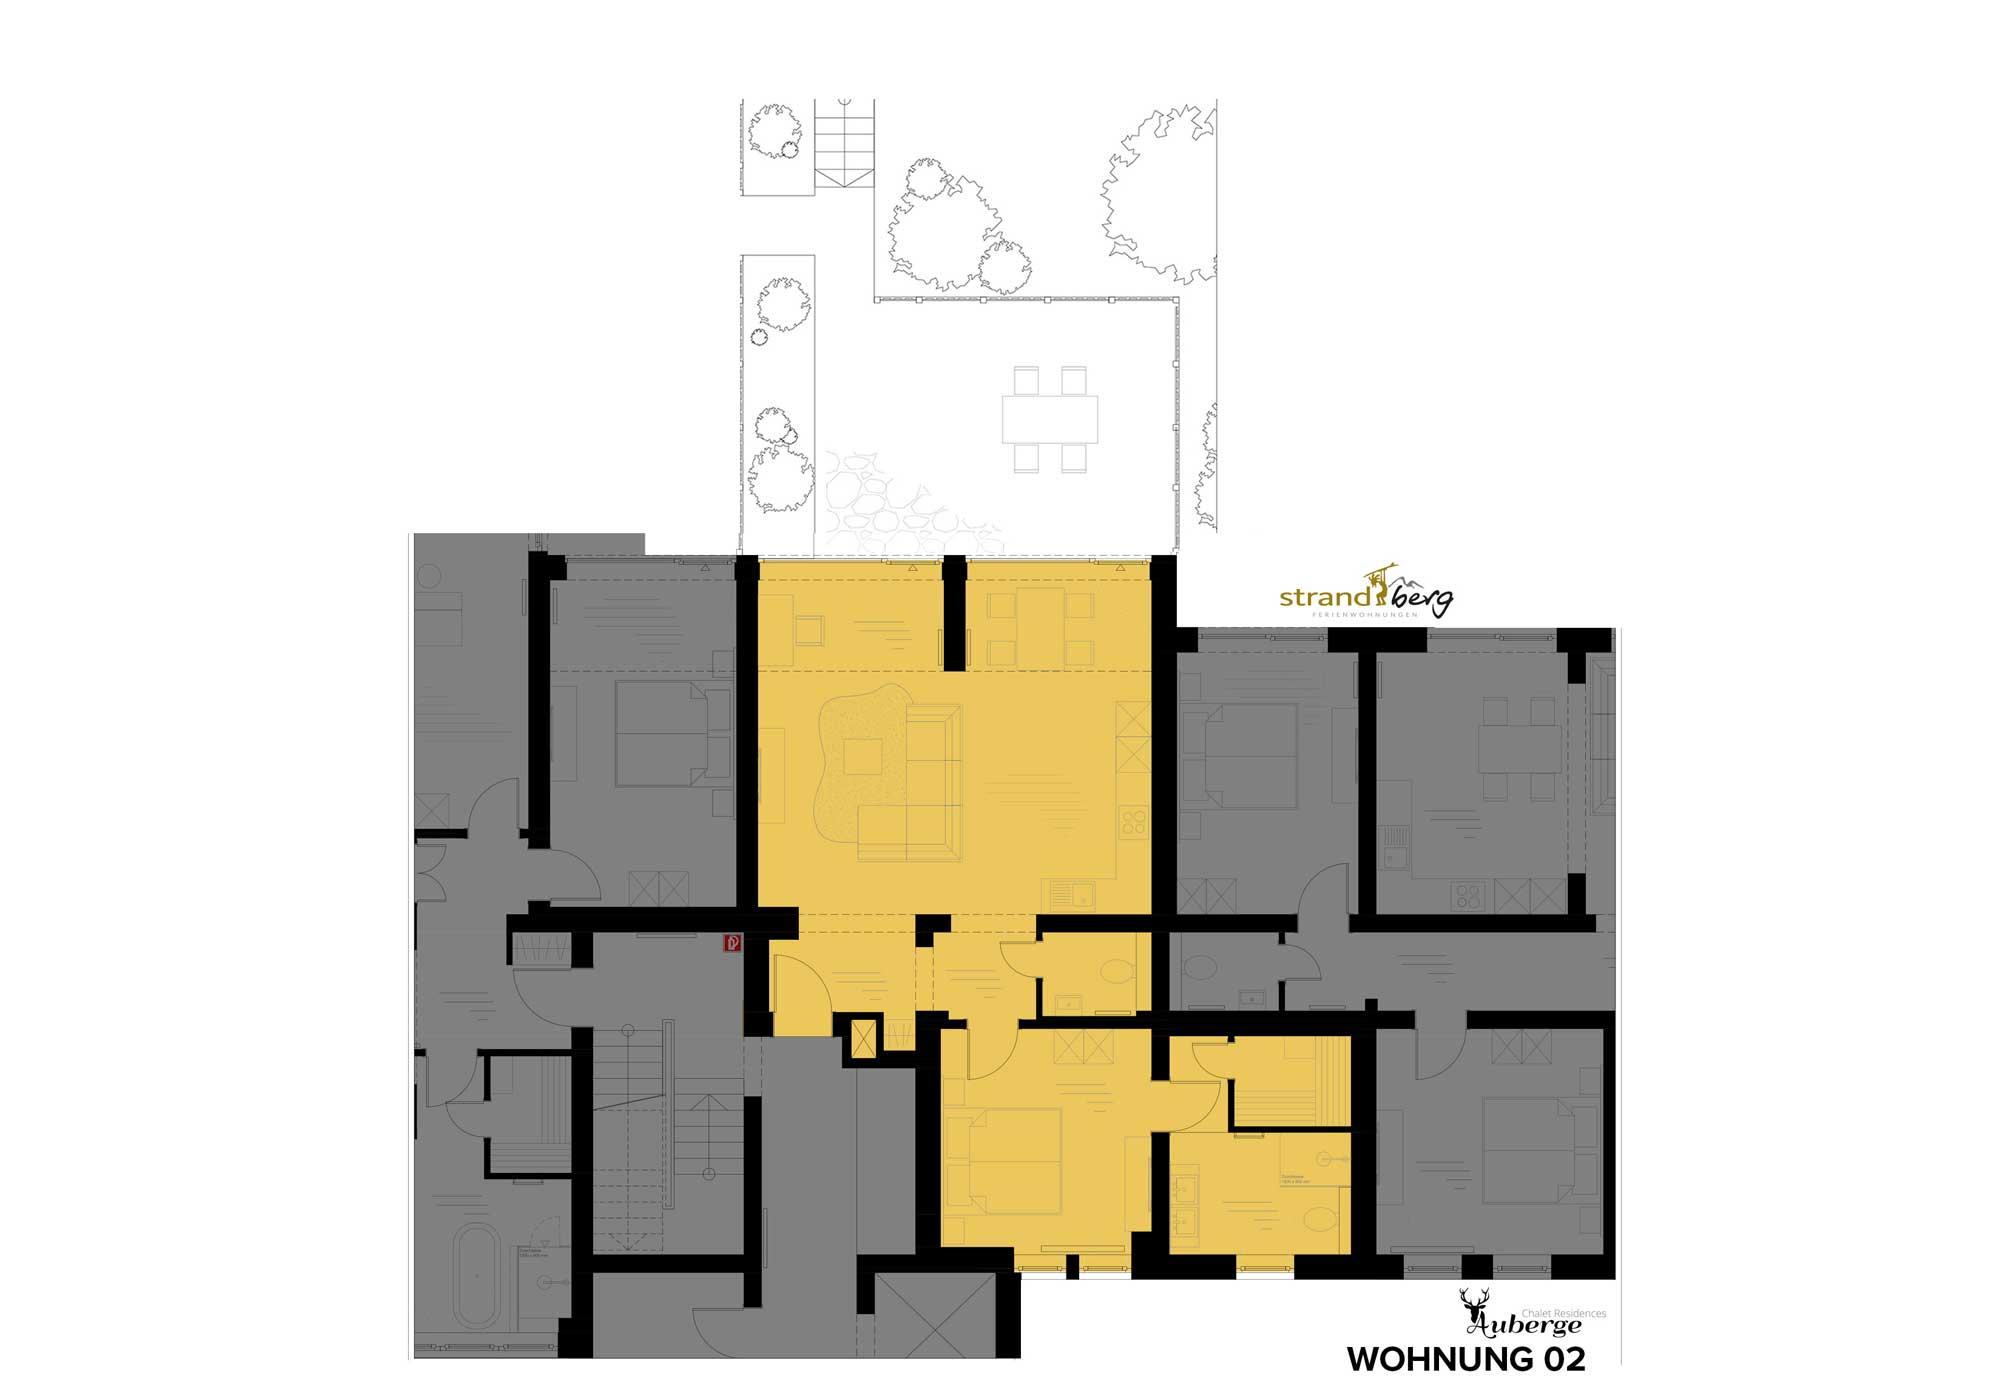 Wohnung 02 Grundriss